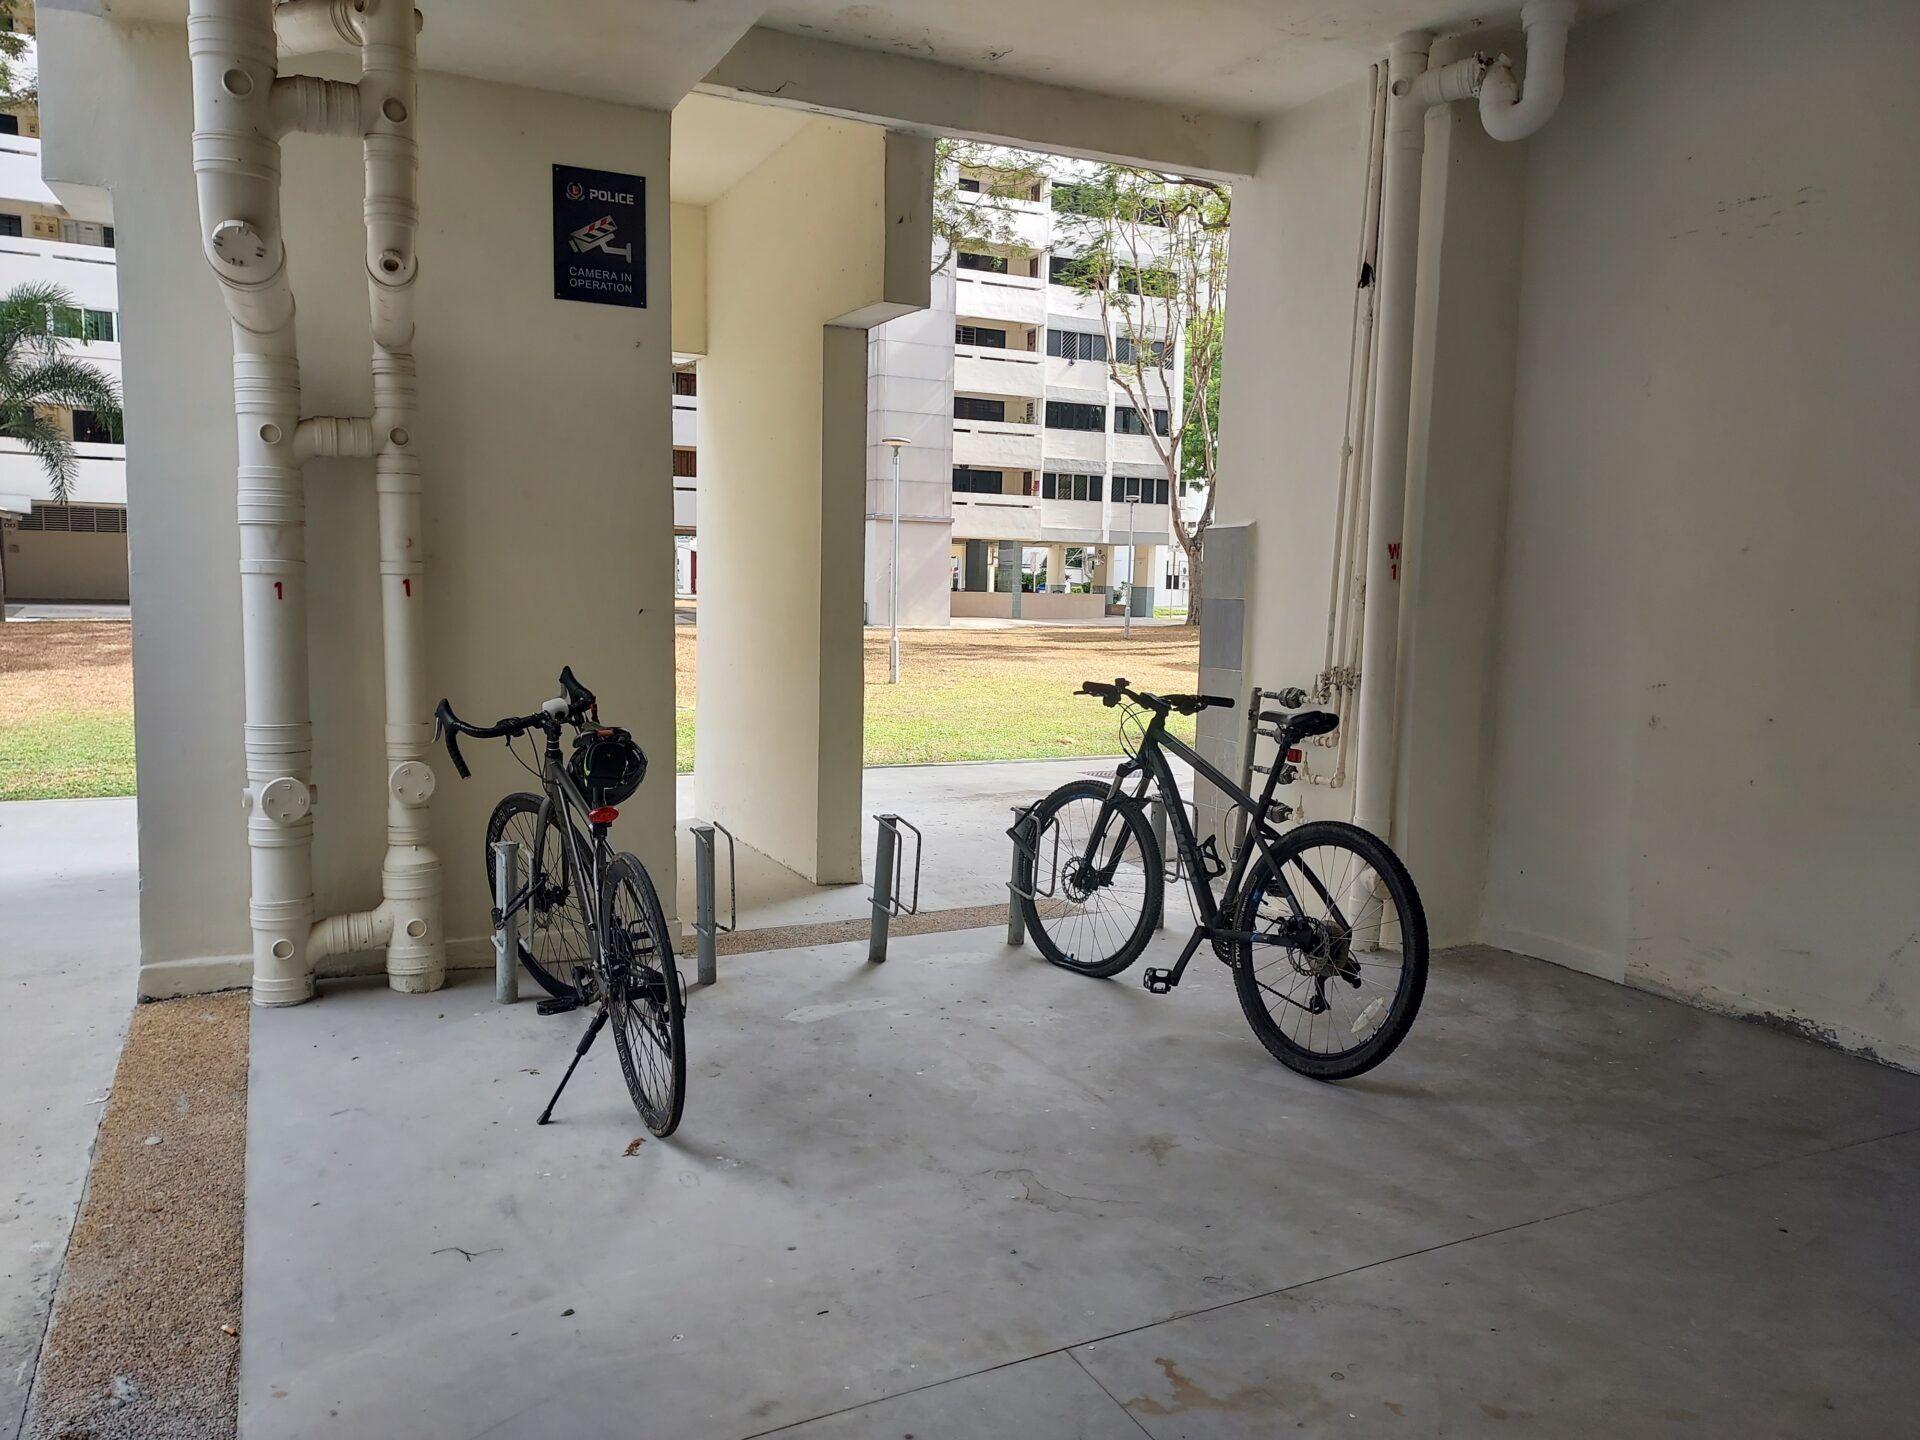 Небалансирано разпределение на сцената - вело паркинг, нарушен баланс